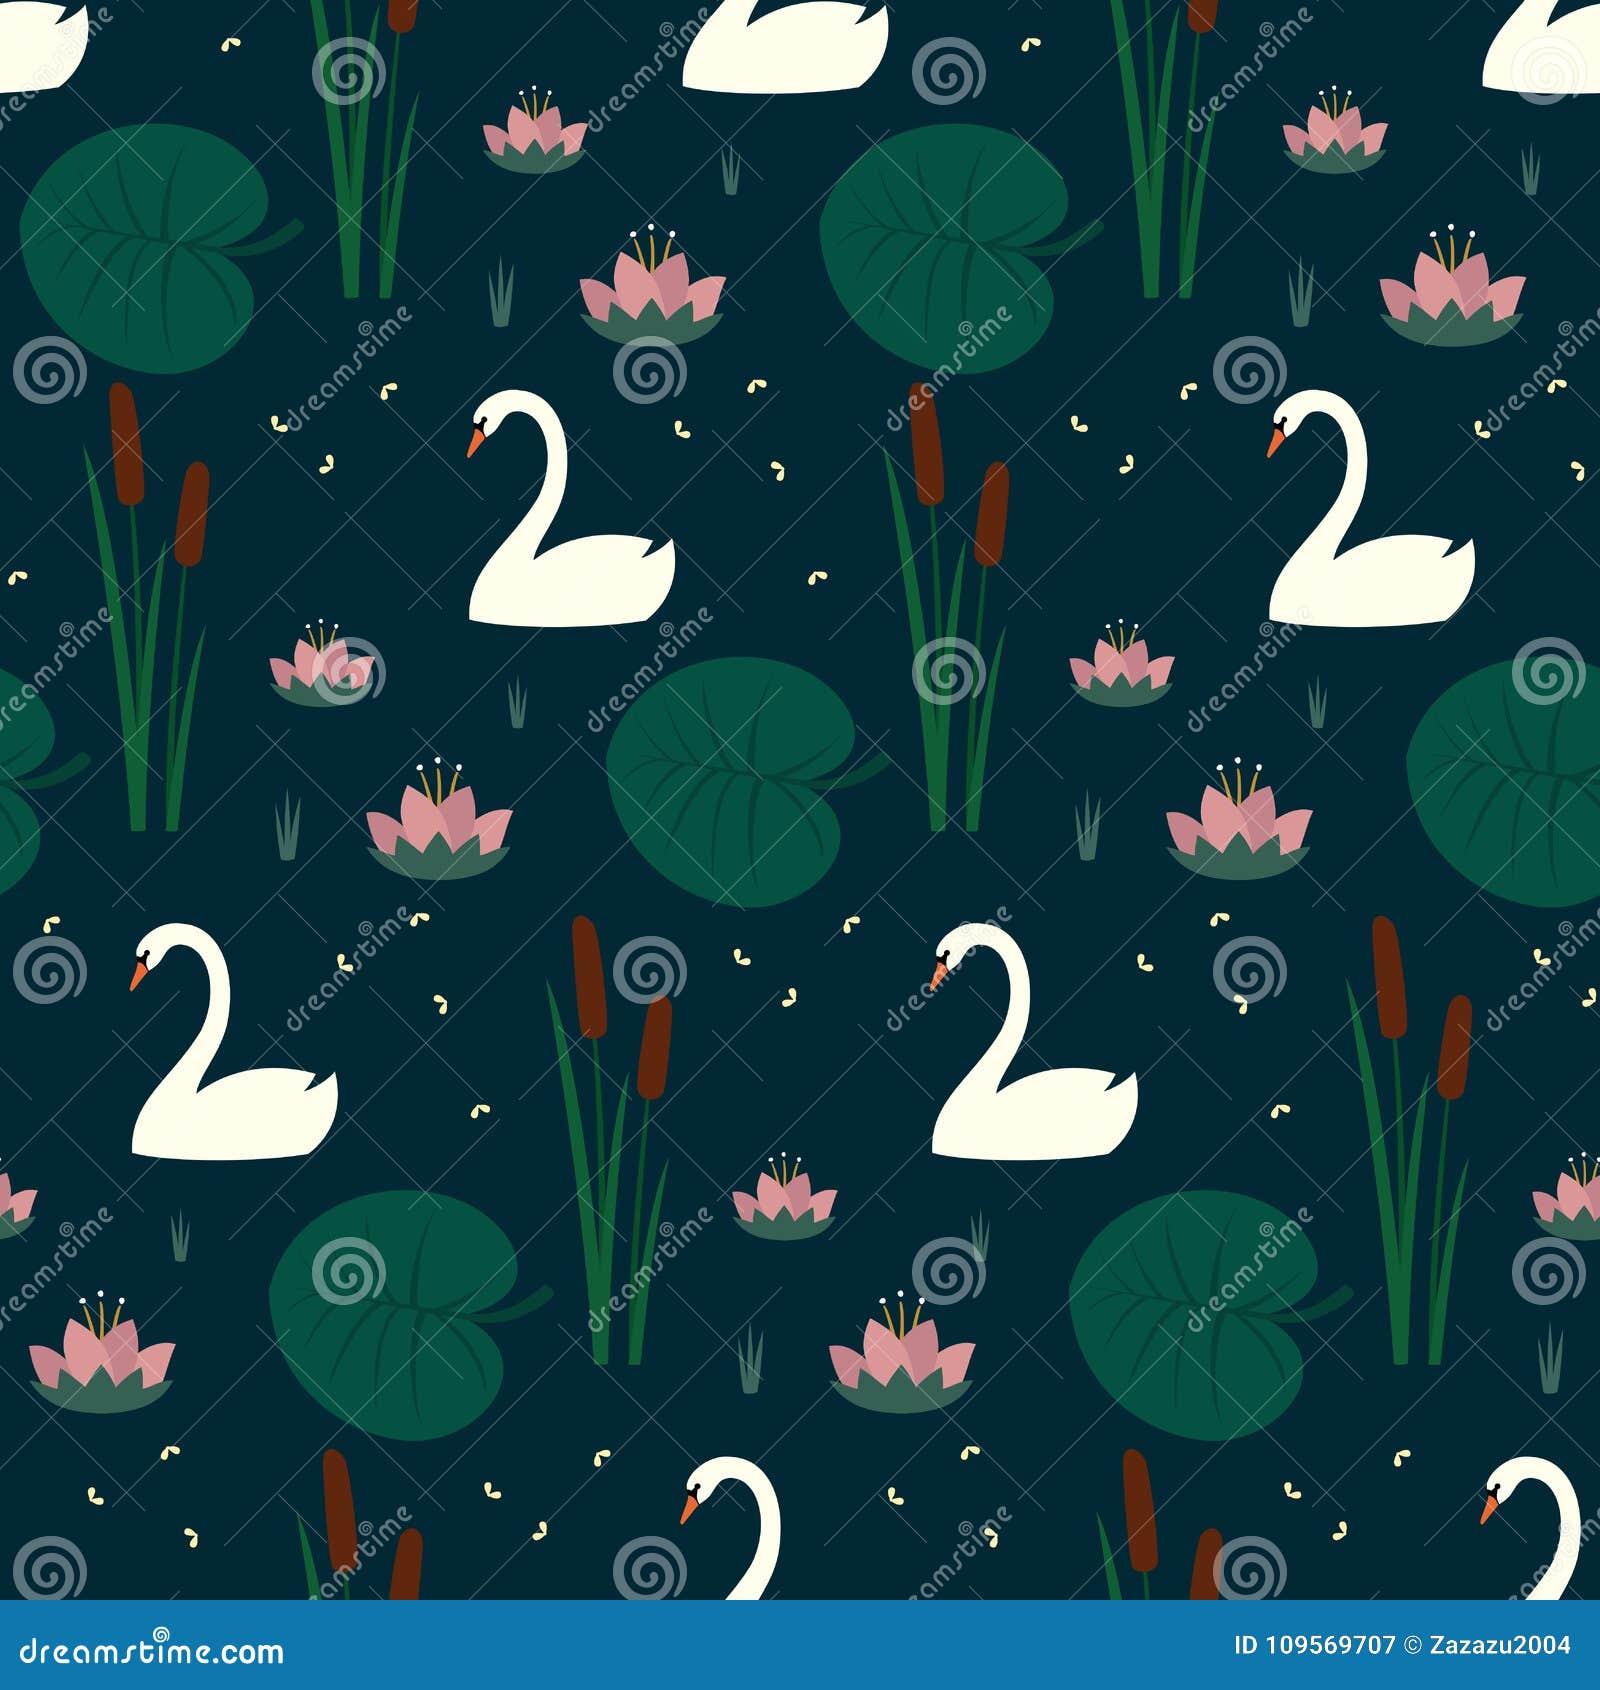 In naadloos patroon met witte zwanen, waterlelie, bies en bladeren op donkerblauwe achtergrond